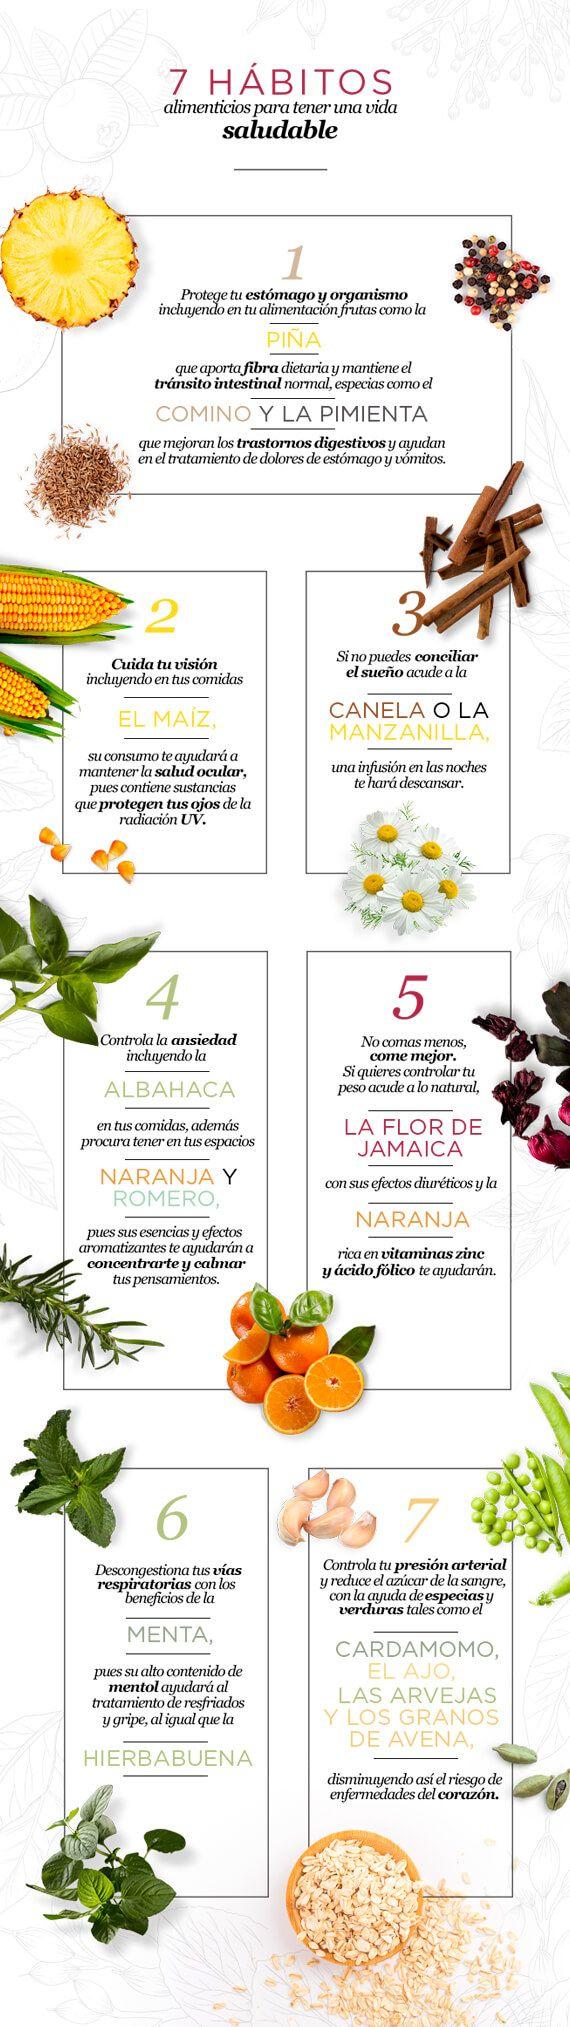 7 habitos alimenticios para tener una vida saludable